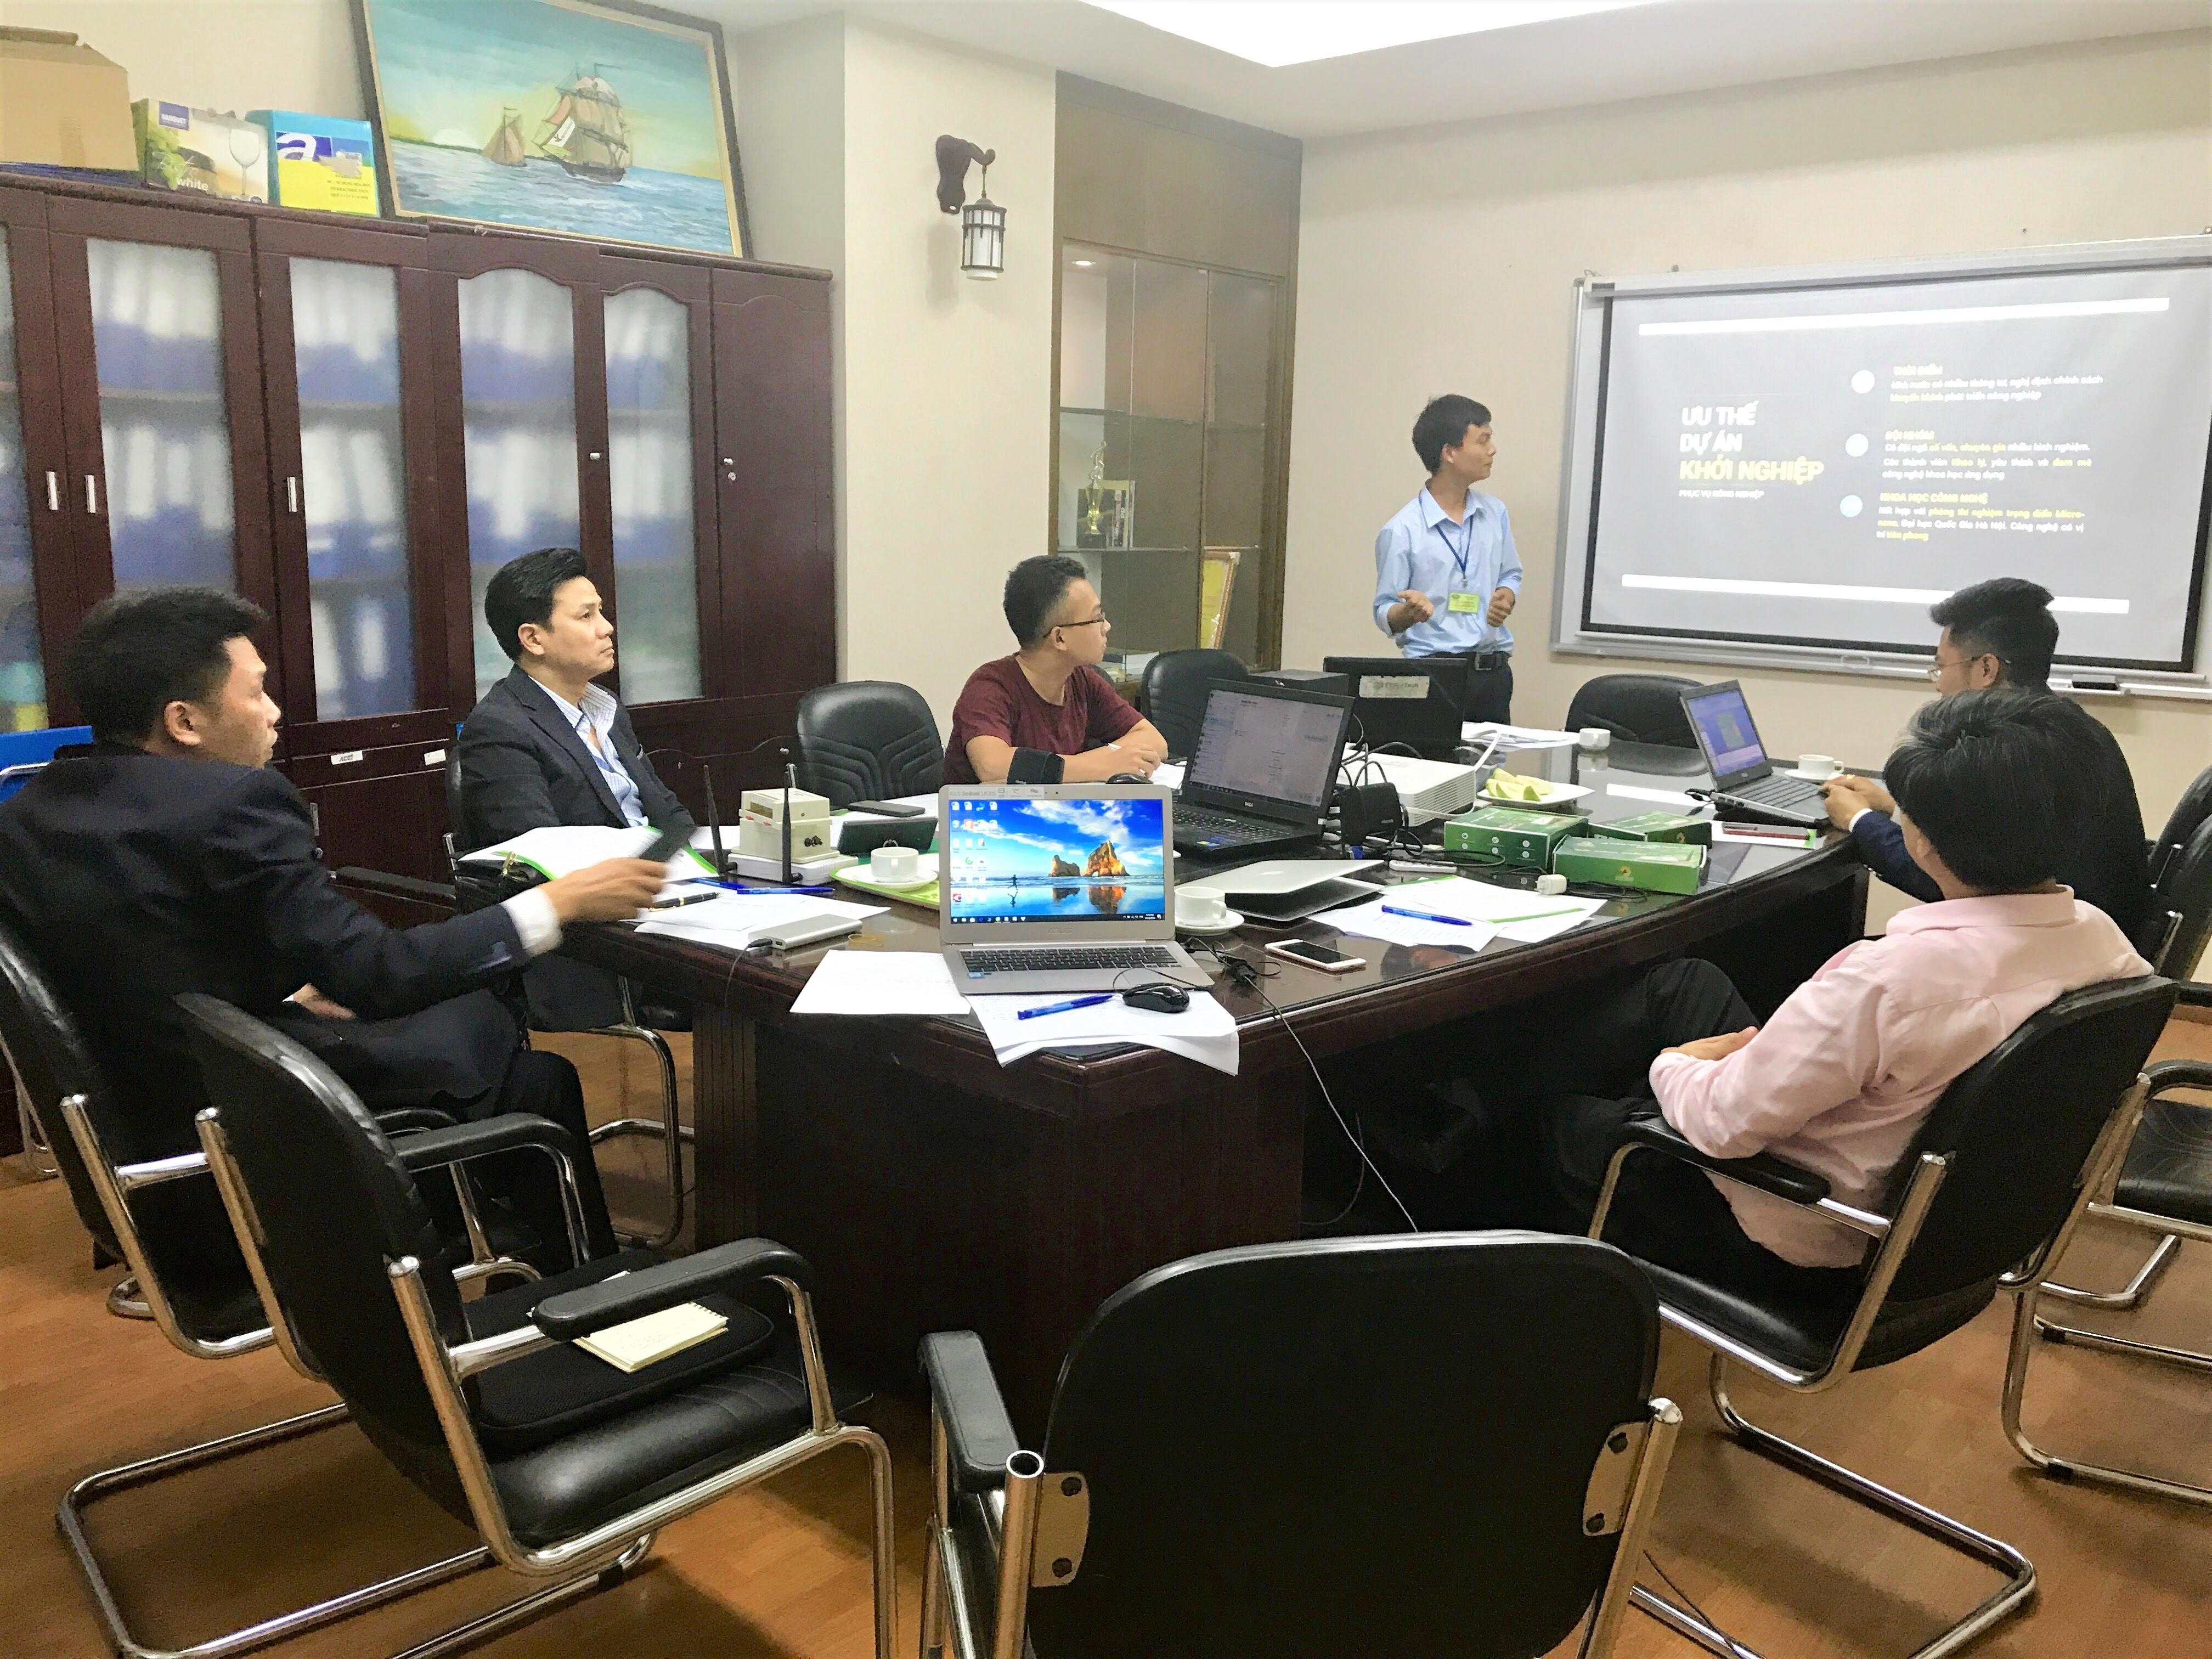 Sếp startup công nghệ tại Việt Nam và các nước Đông Nam Á được trả lương ra sao?